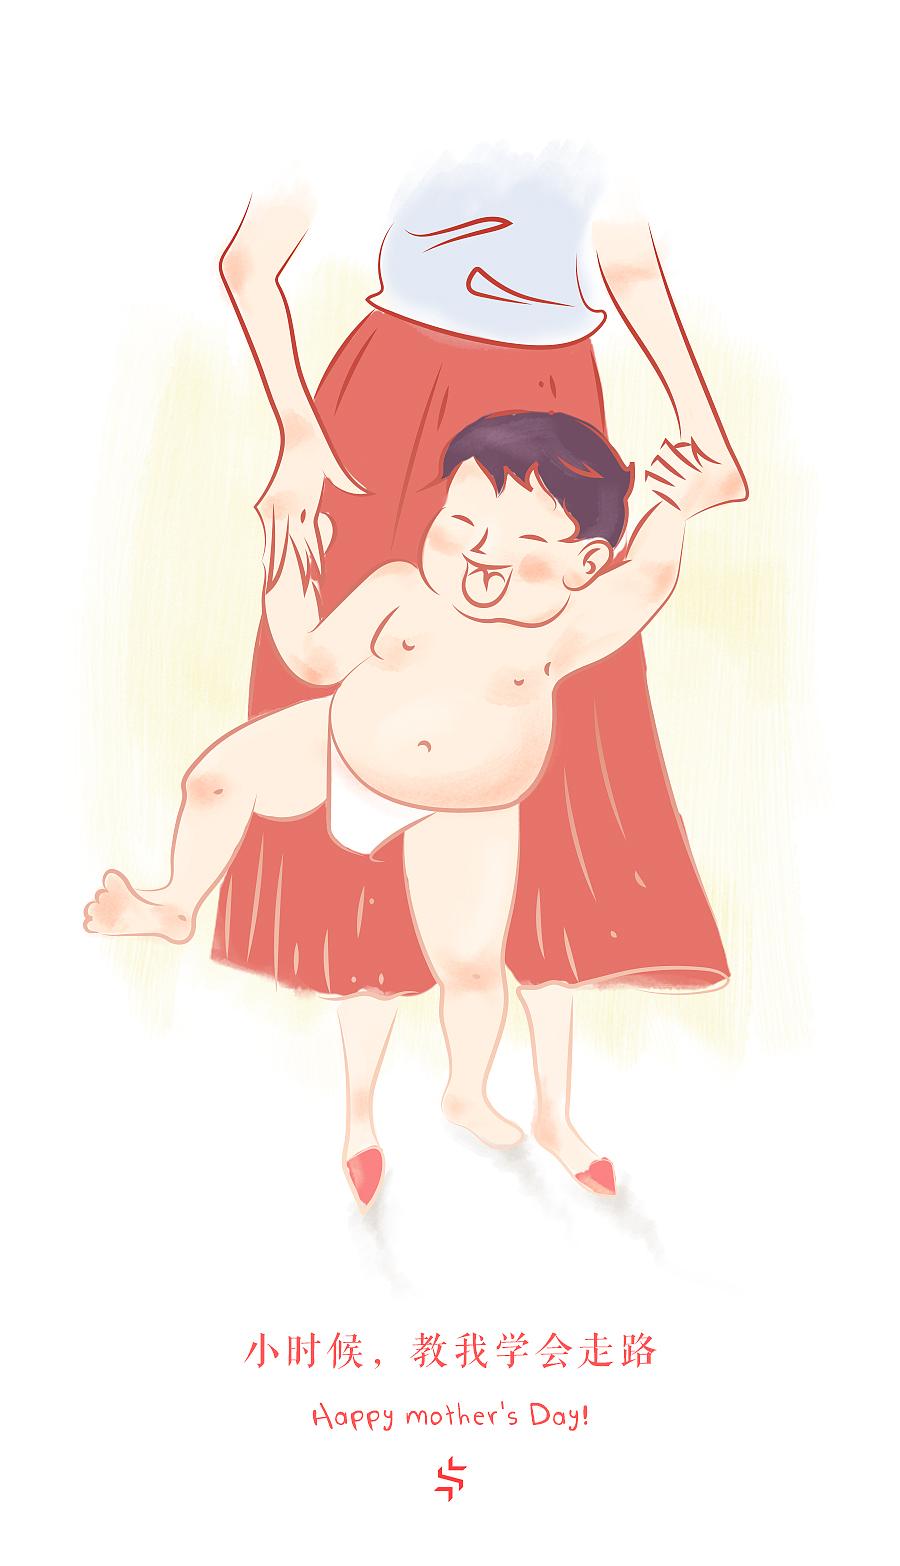 关于母亲的手绘漫画